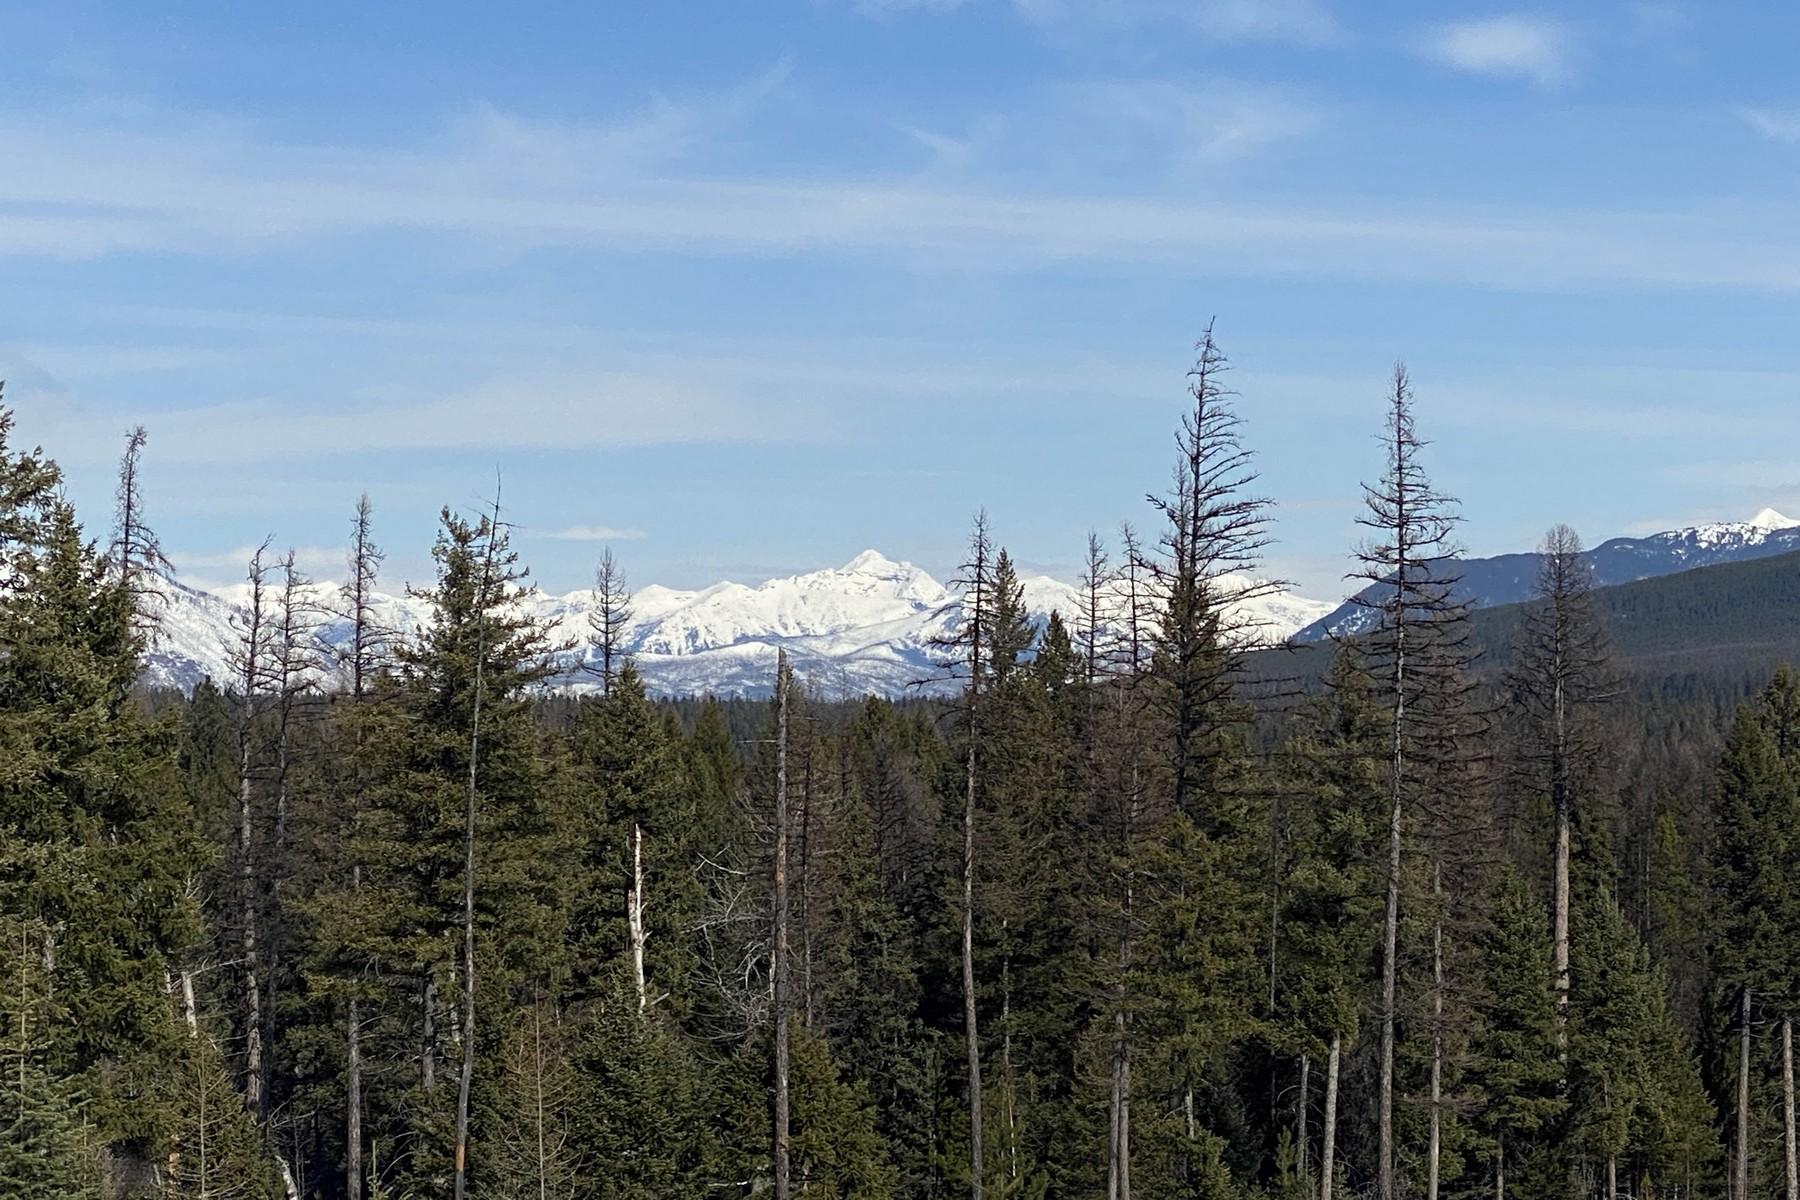 Land voor Verkoop op GLACIER HILLS, LOT 2 23 Glacier Hills Circle, Martin City, Montana 59926 Verenigde Staten